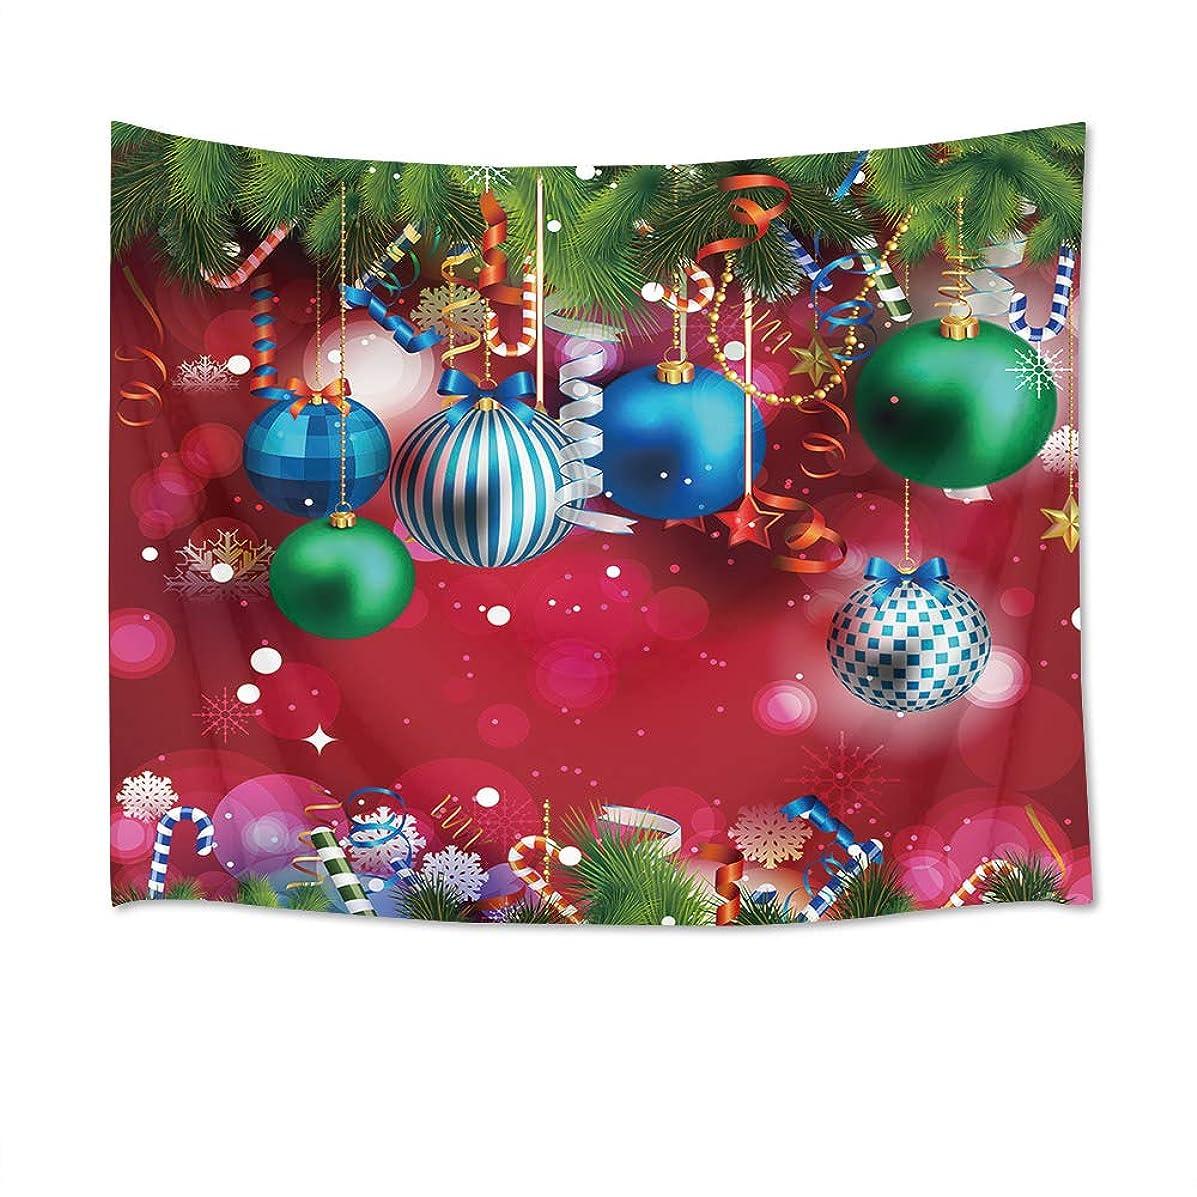 LB クリスマス飾り物 タペストリー カラフルなボール おしゃれ壁掛け 装飾布 欧米風 インテリア デコレーション 多機能 パーティー リビング 窓 お店 個性ギフト 人気 お祝い 150x100cm